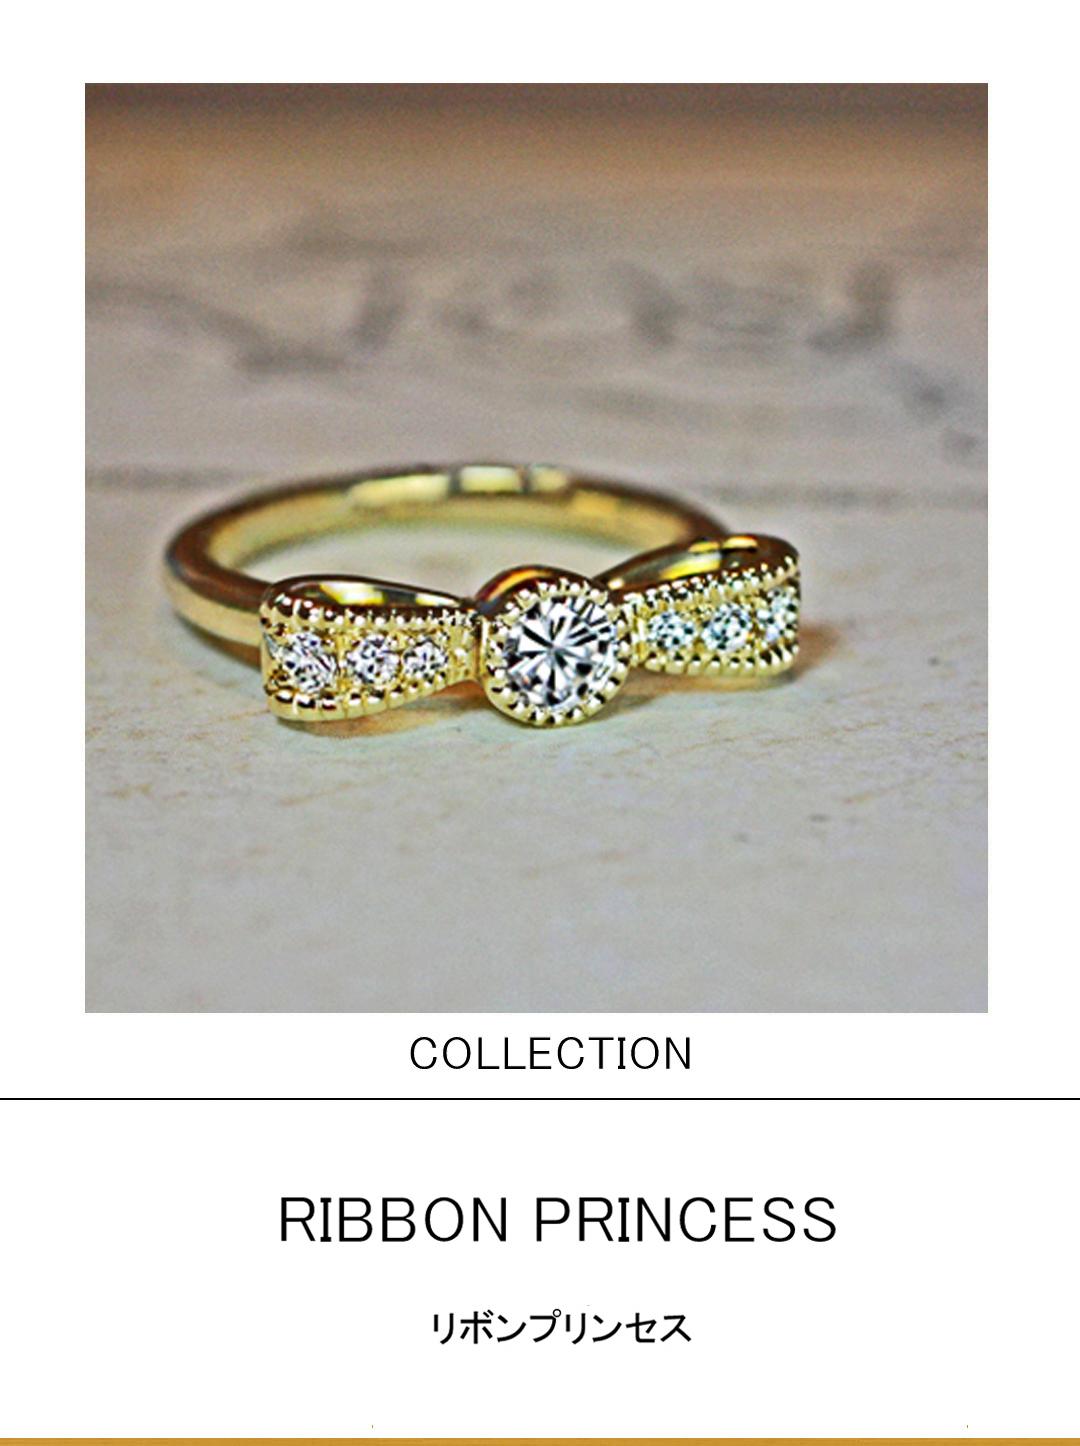 アンティークにデザインしたリボンの婚約指輪ゴールドコレクションのサムネイル